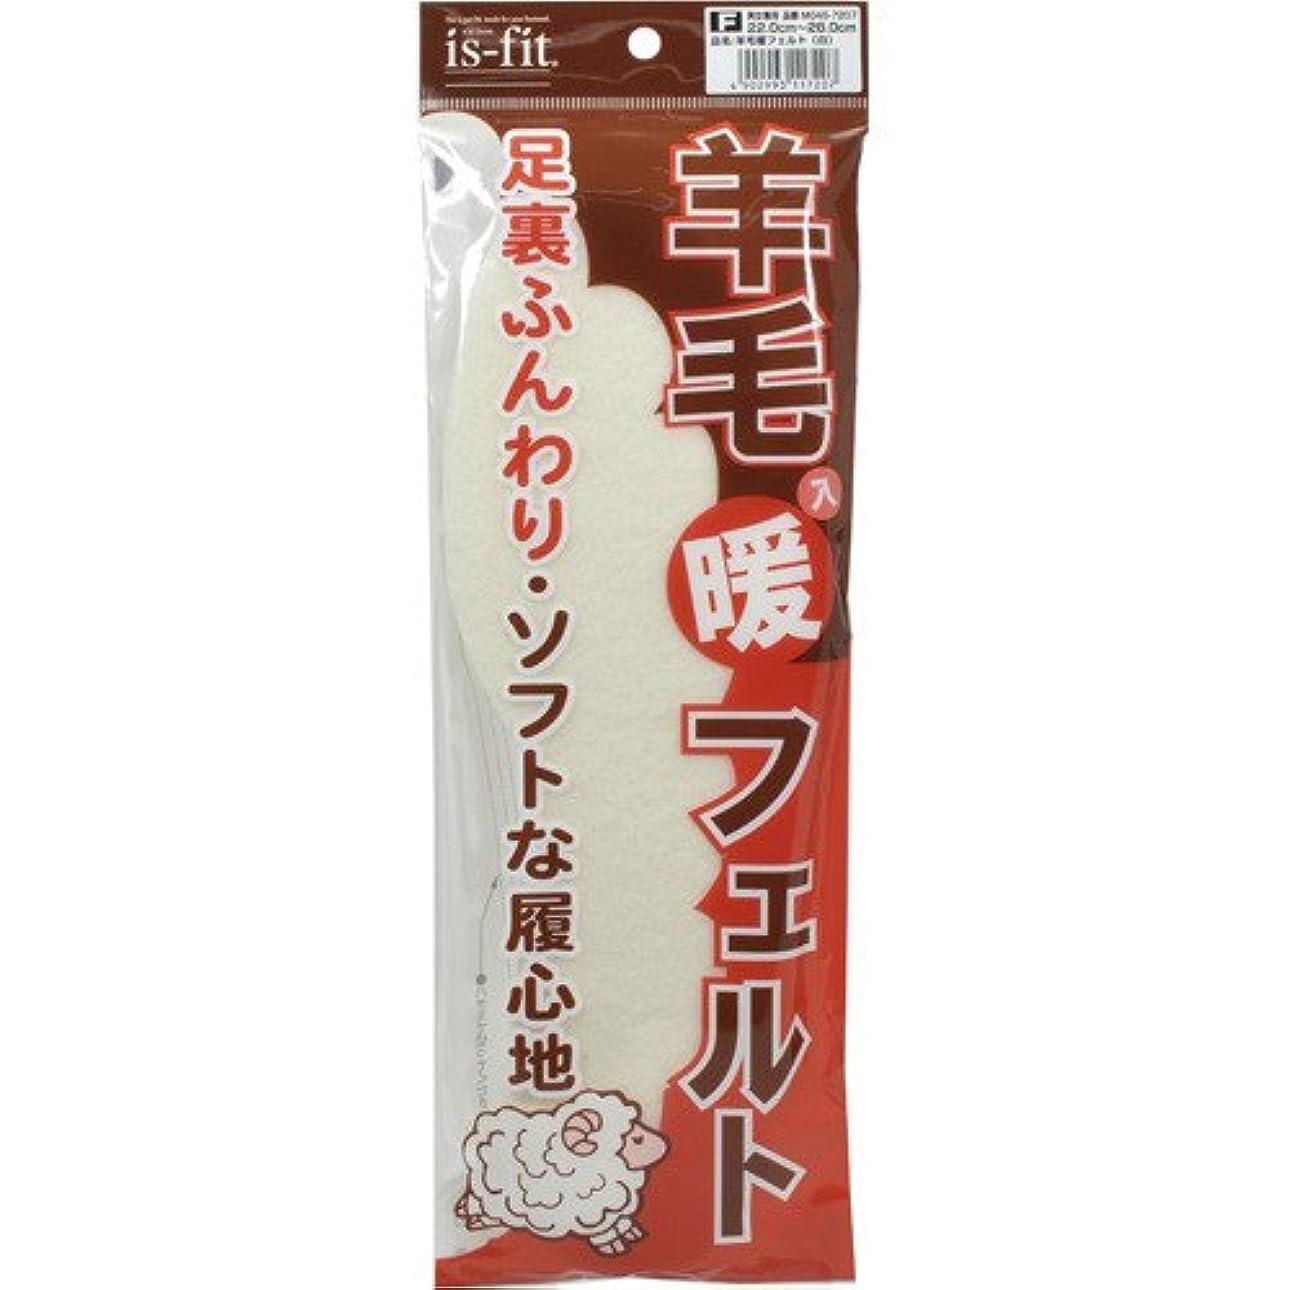 ホールドオール捕虜畝間is-fit(イズフィット) 羊毛入り暖フェルト 男女兼用 22.0-28.0cm 白